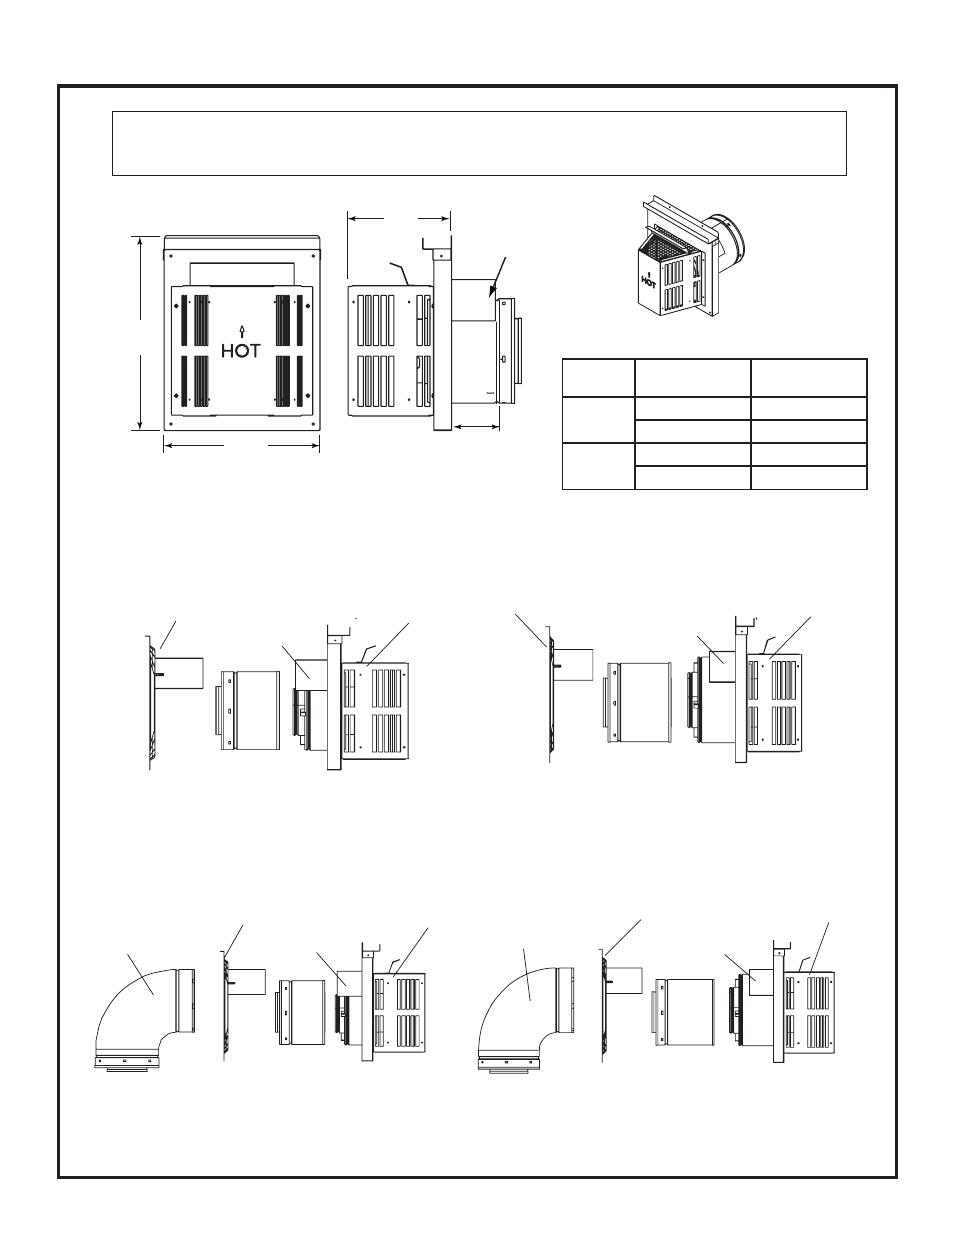 B  Vent Components Diagrams  Continued